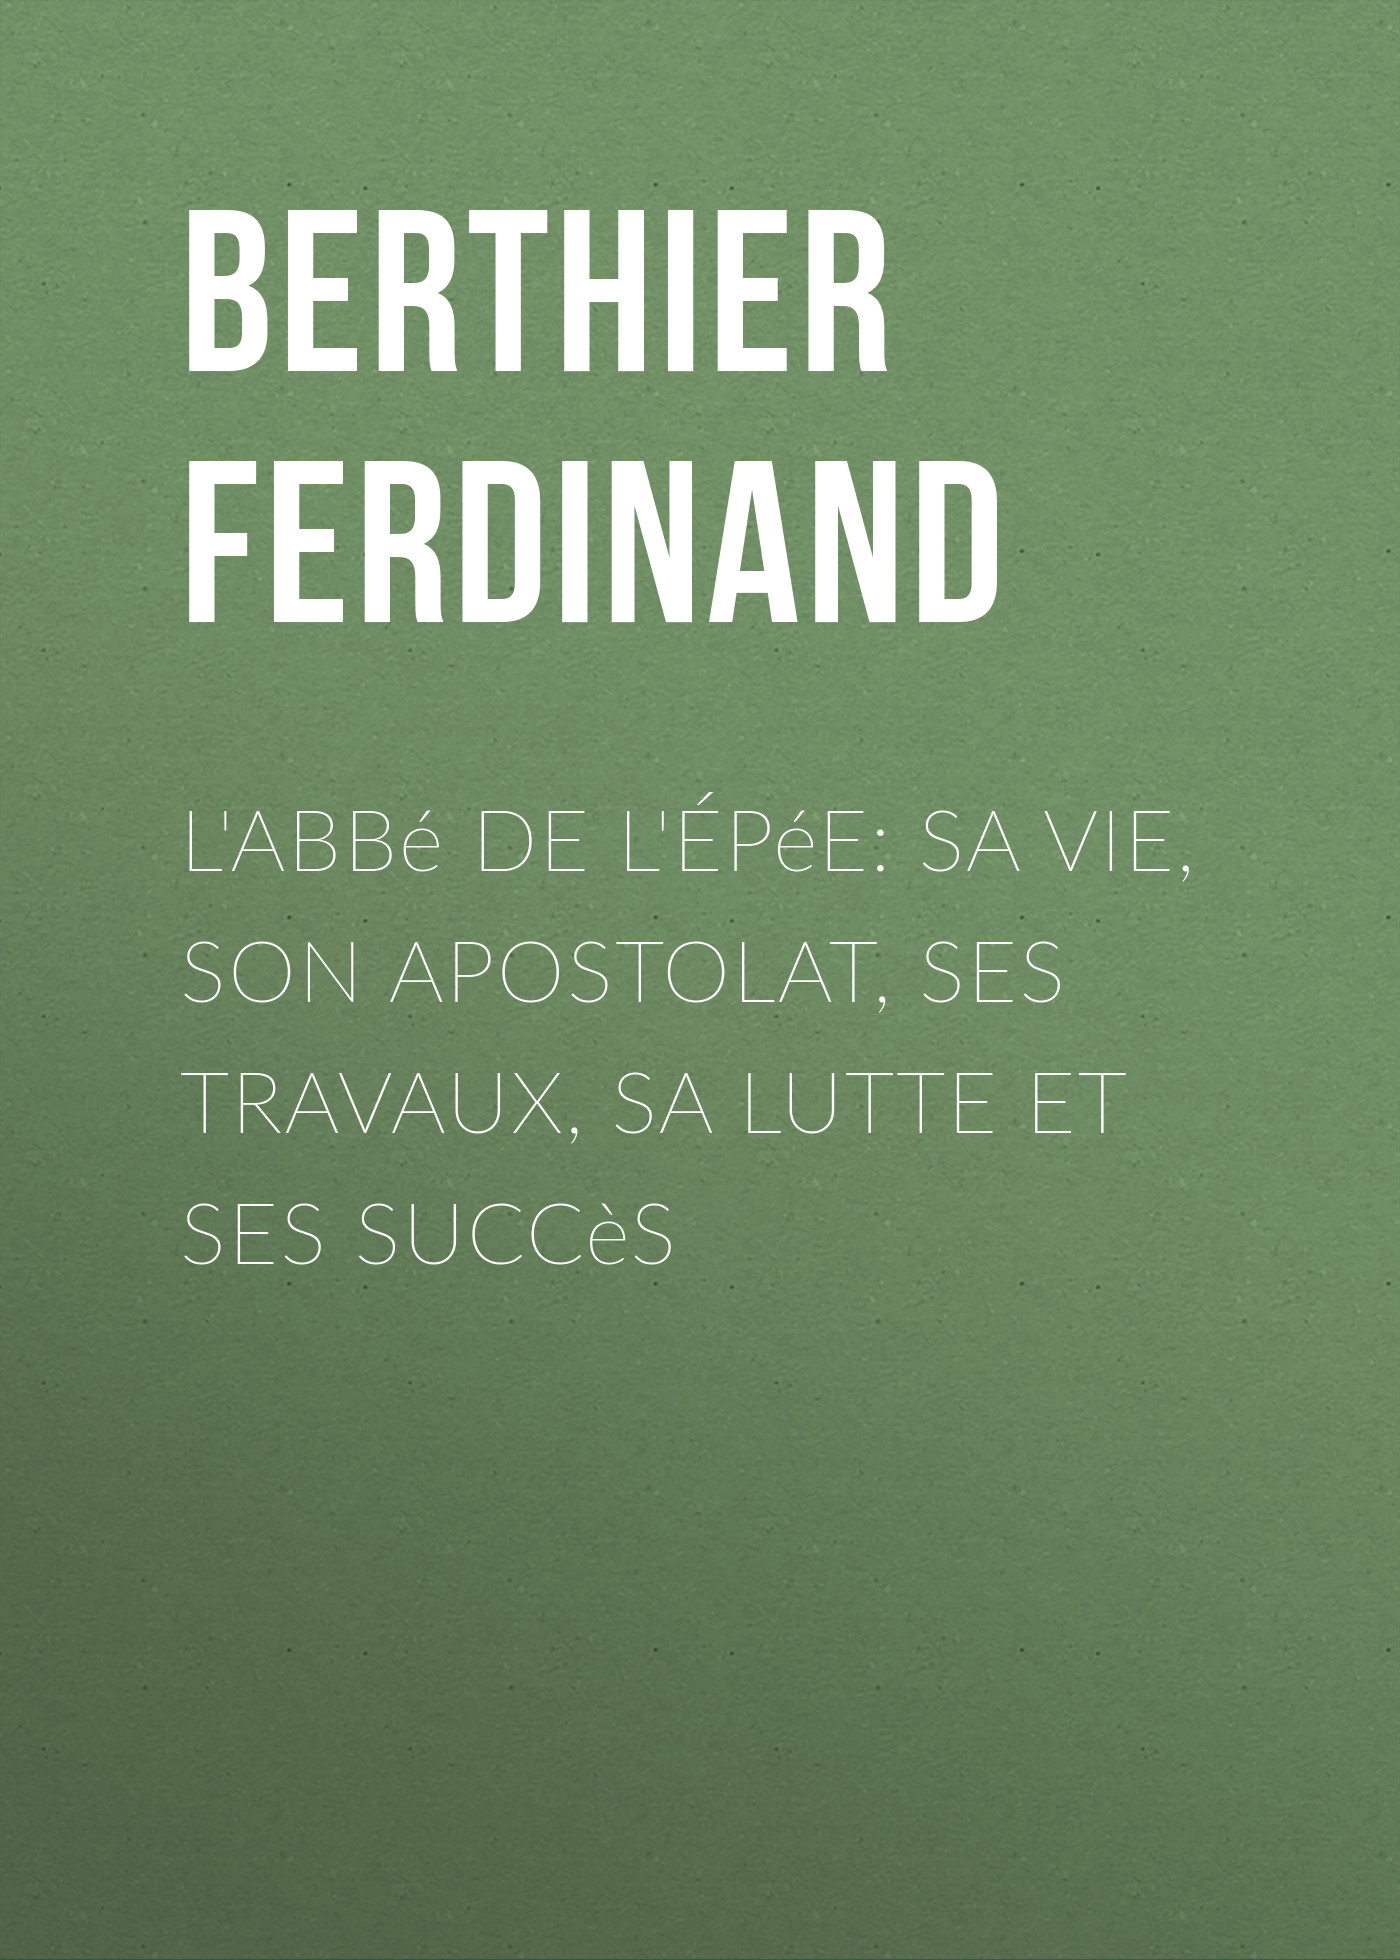 Berthier Ferdinand L'Abbé de l'Épée: sa vie, son apostolat, ses travaux, sa lutte et ses succès berthier berthier mp002xm23k2t